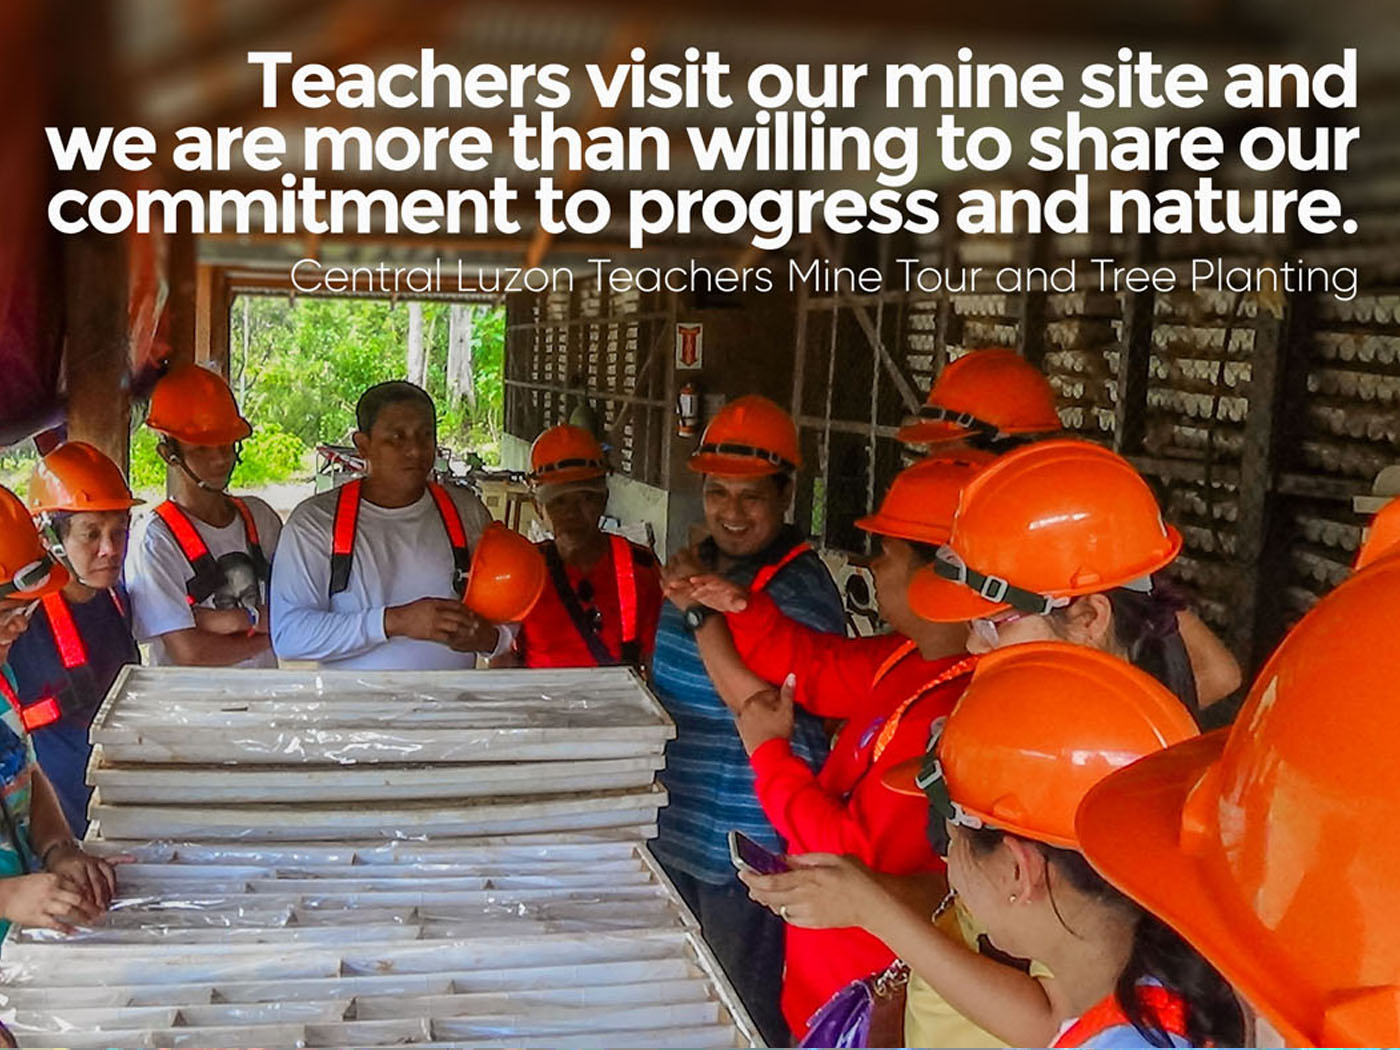 Central Luzon Teachers Mine Tour - 2.0